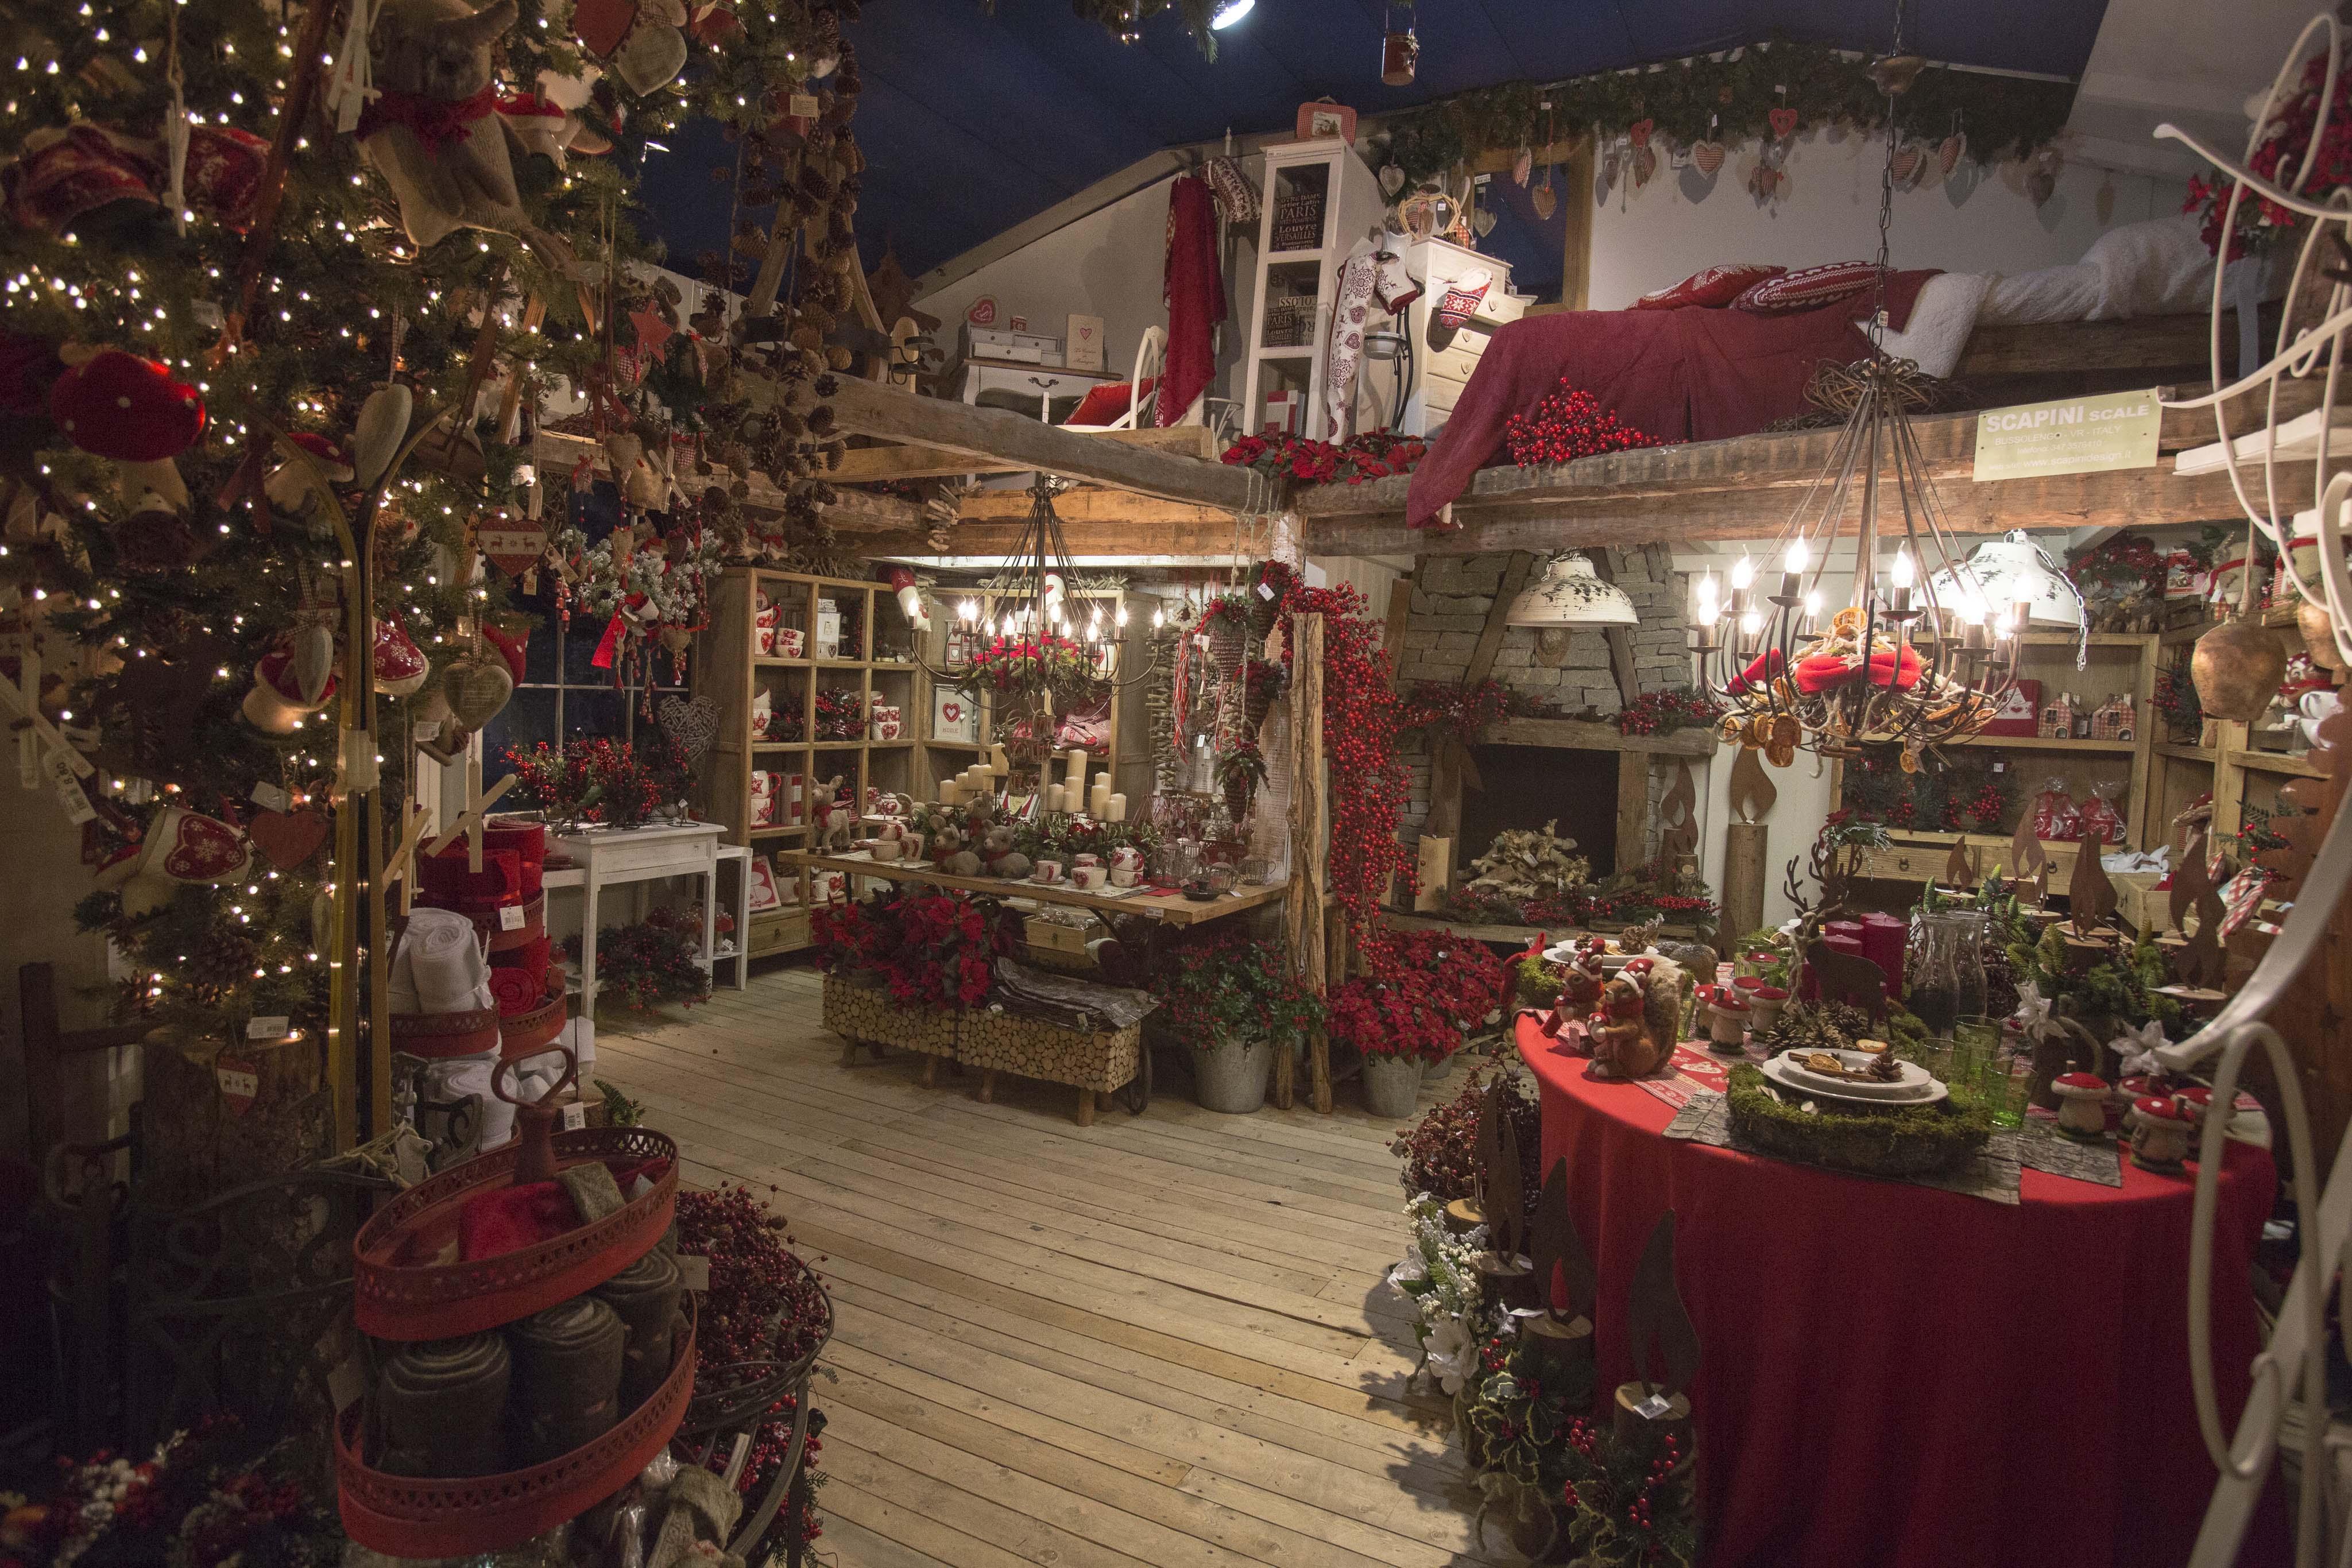 Villaggio Di Natale Bussolengo Immagini.Villaggio Di Natale 2013 A Bussolengo Il Piu Grande